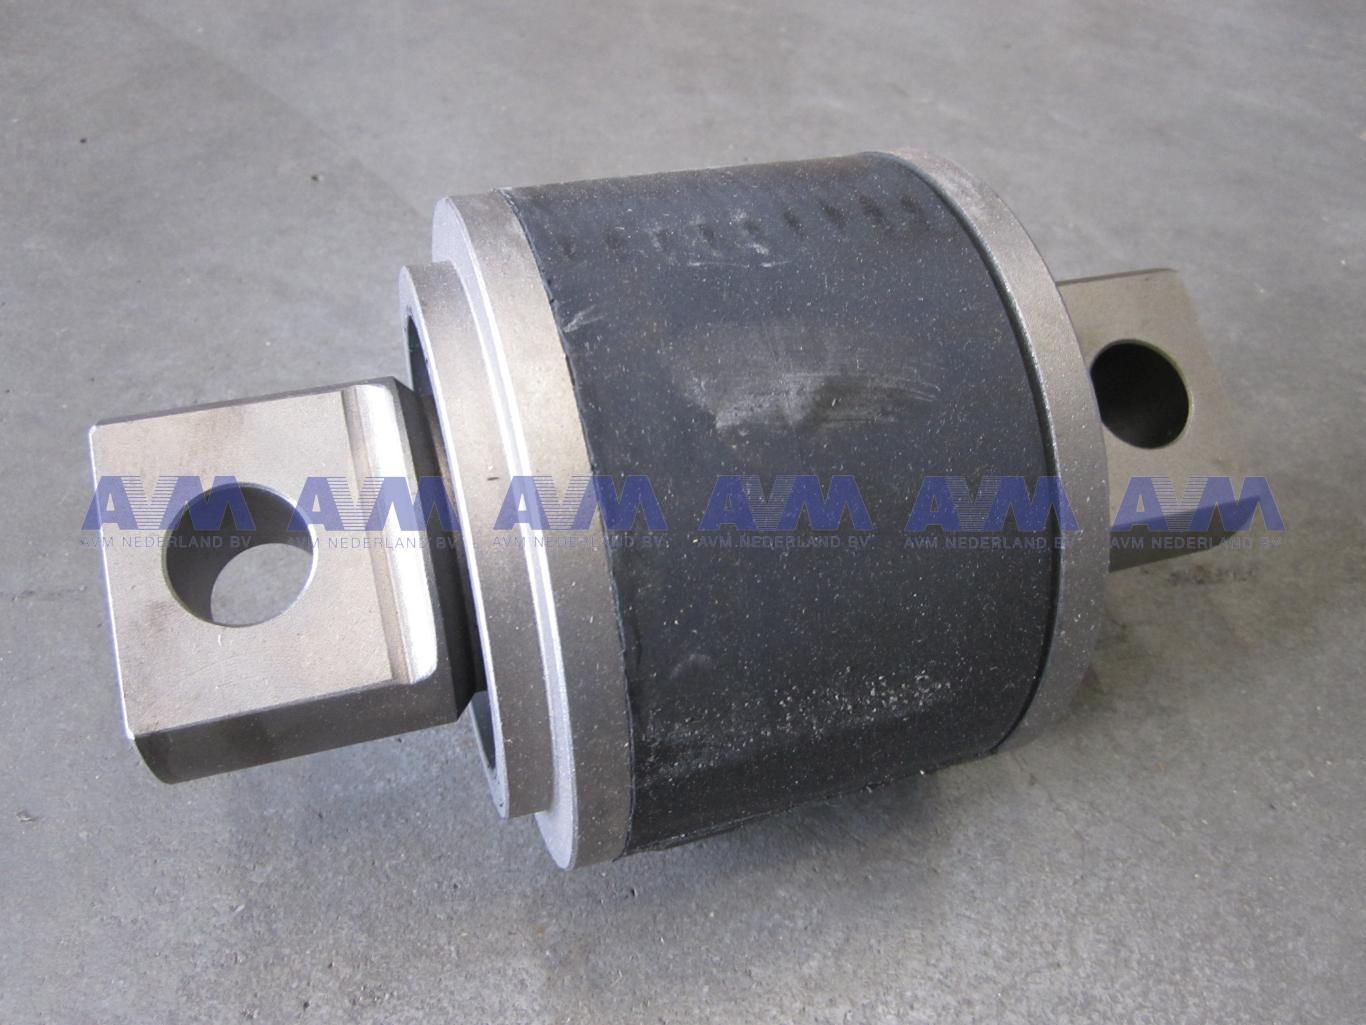 Stangkop 190 mm reparatieset 2-724-100-002 Alfred Heyd